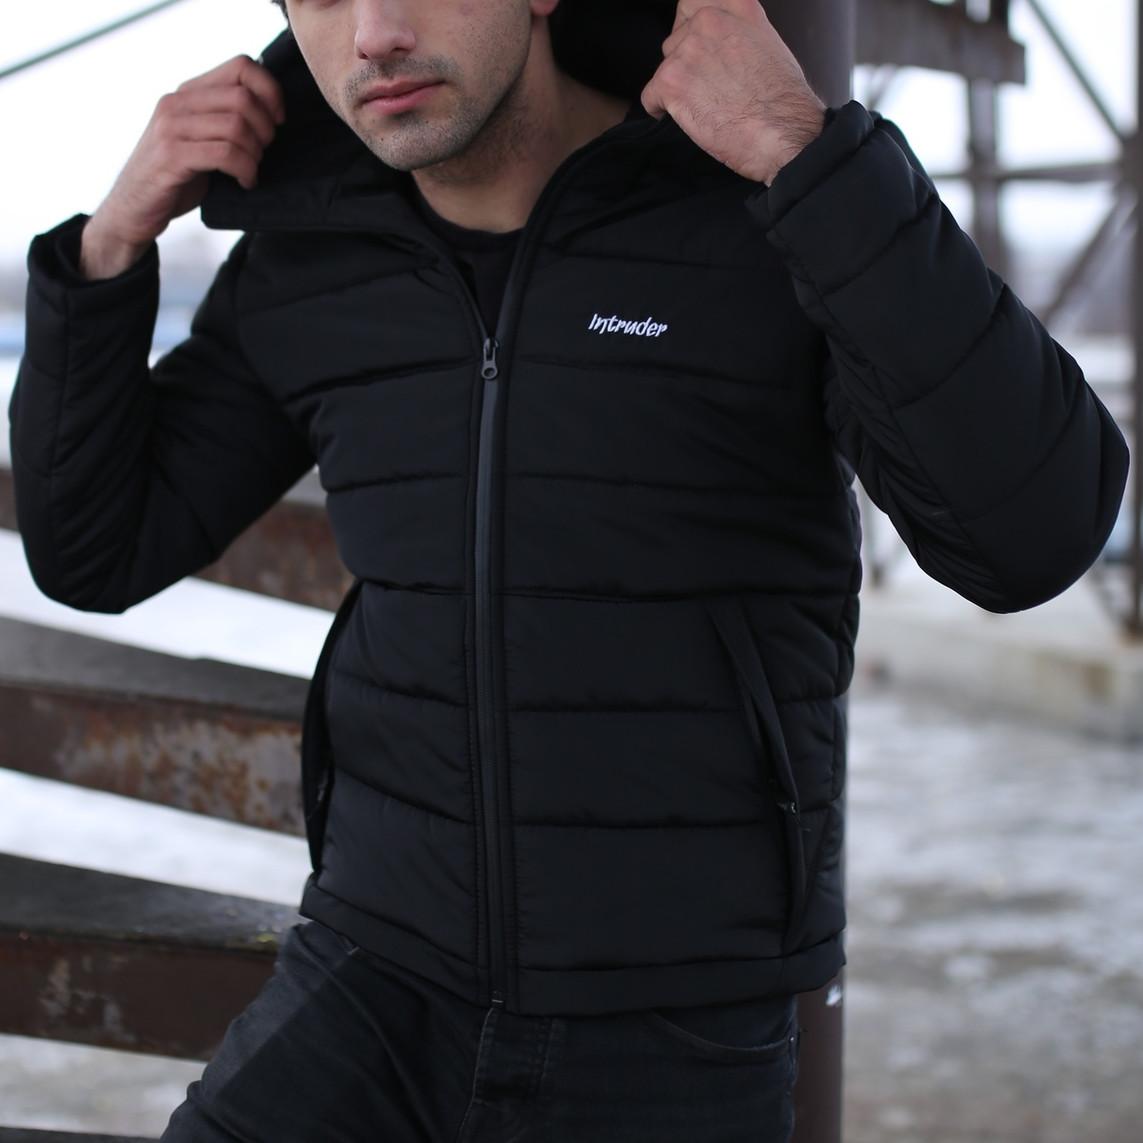 Мужская зимняя куртка - Intruder Impression черный